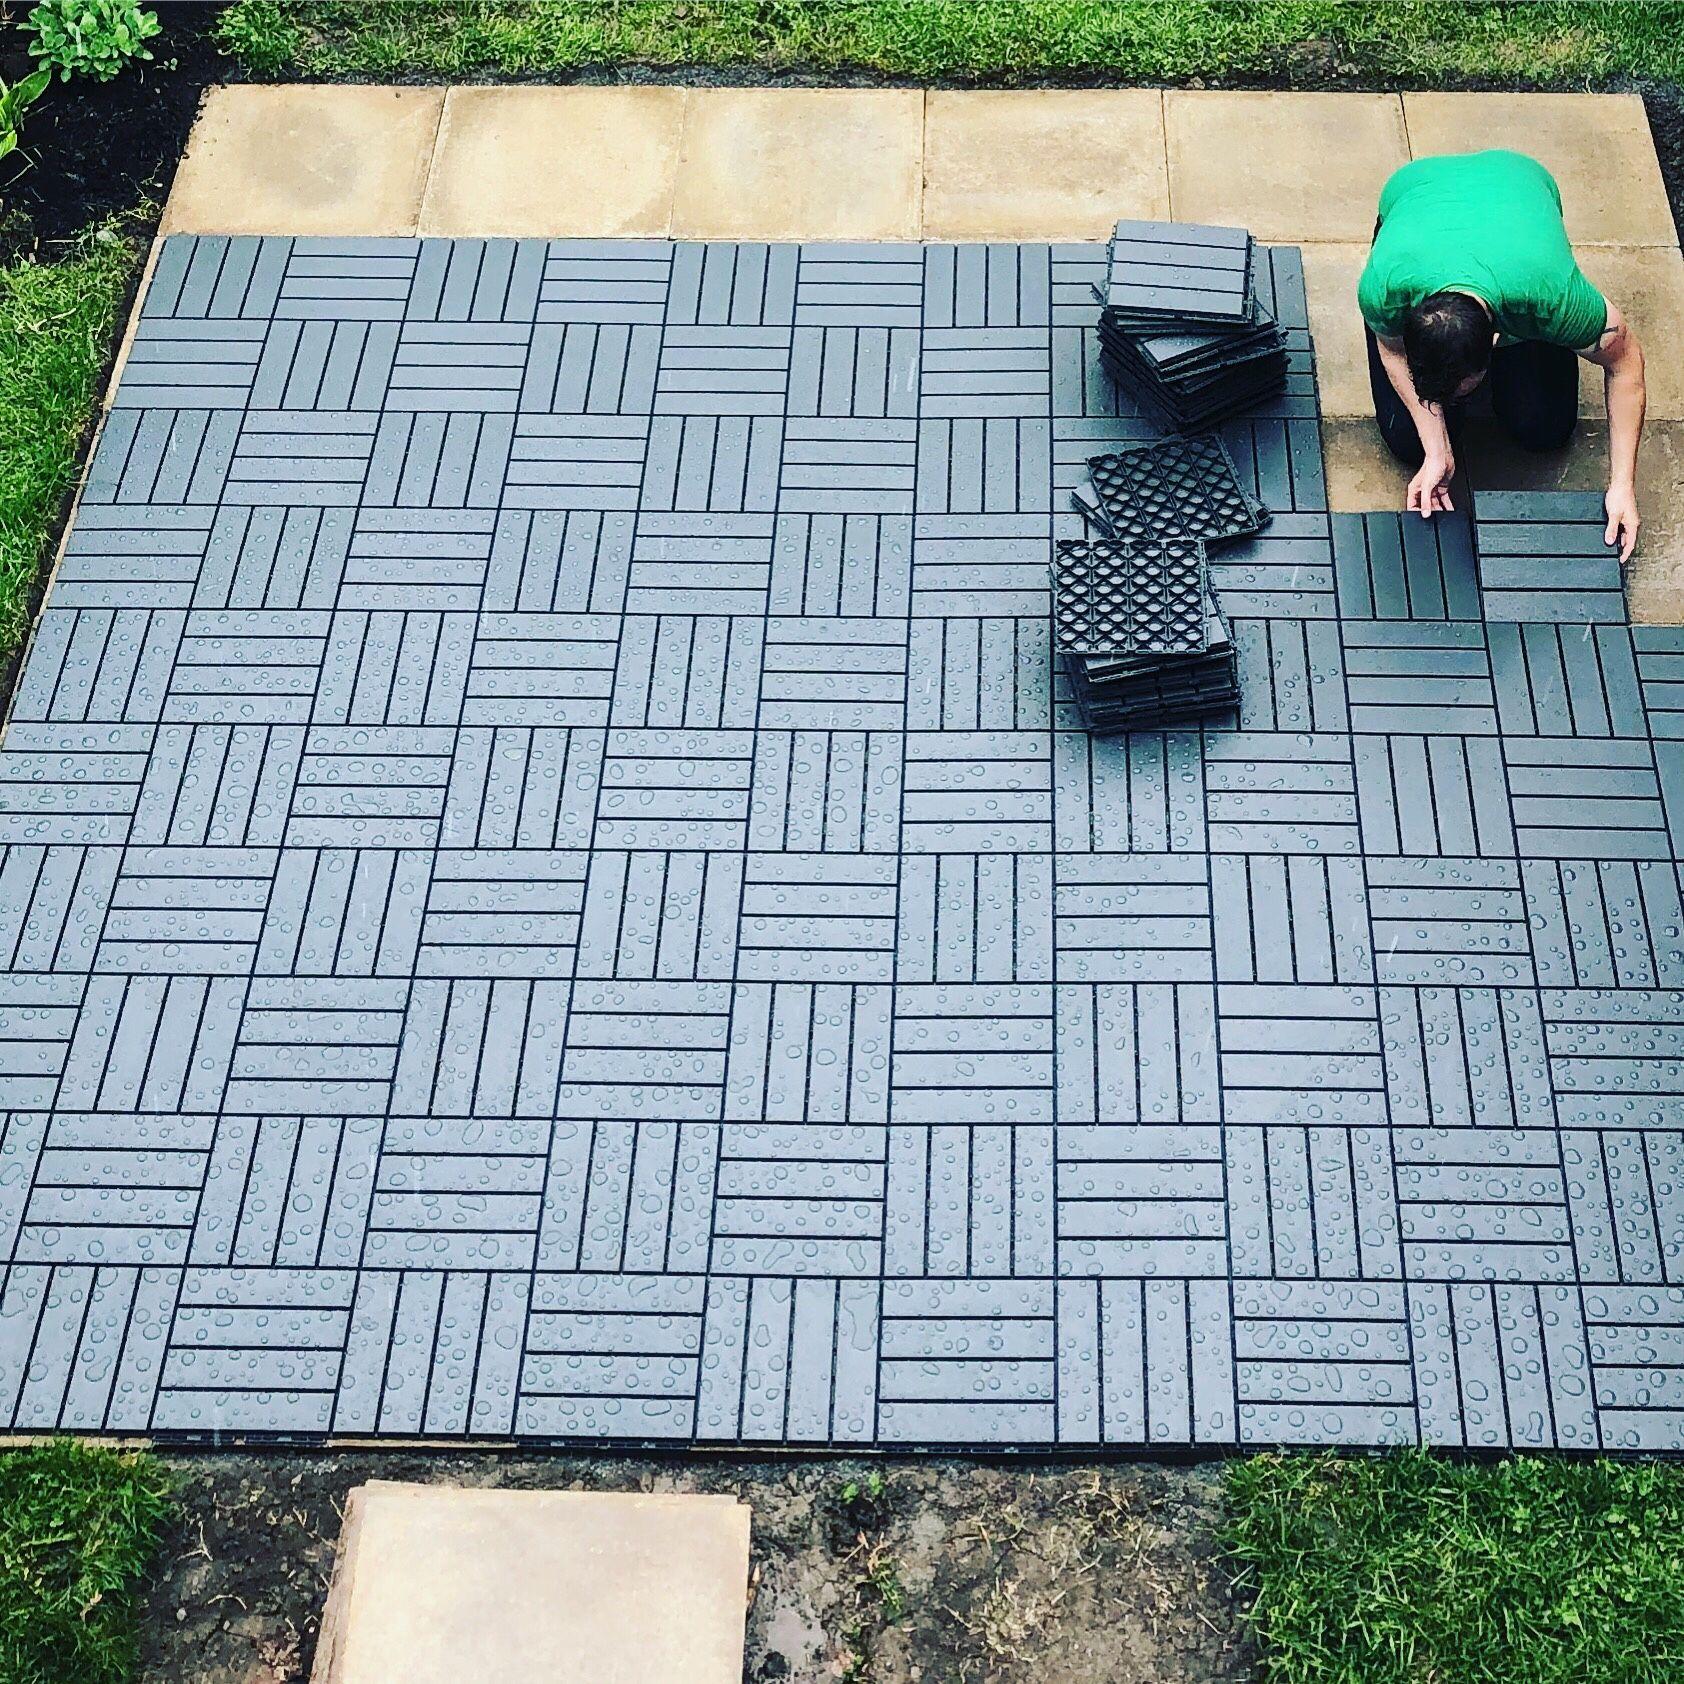 Our 350 Diy Patio With Ikea S Runnen Deck Blocks In 2020 Diy